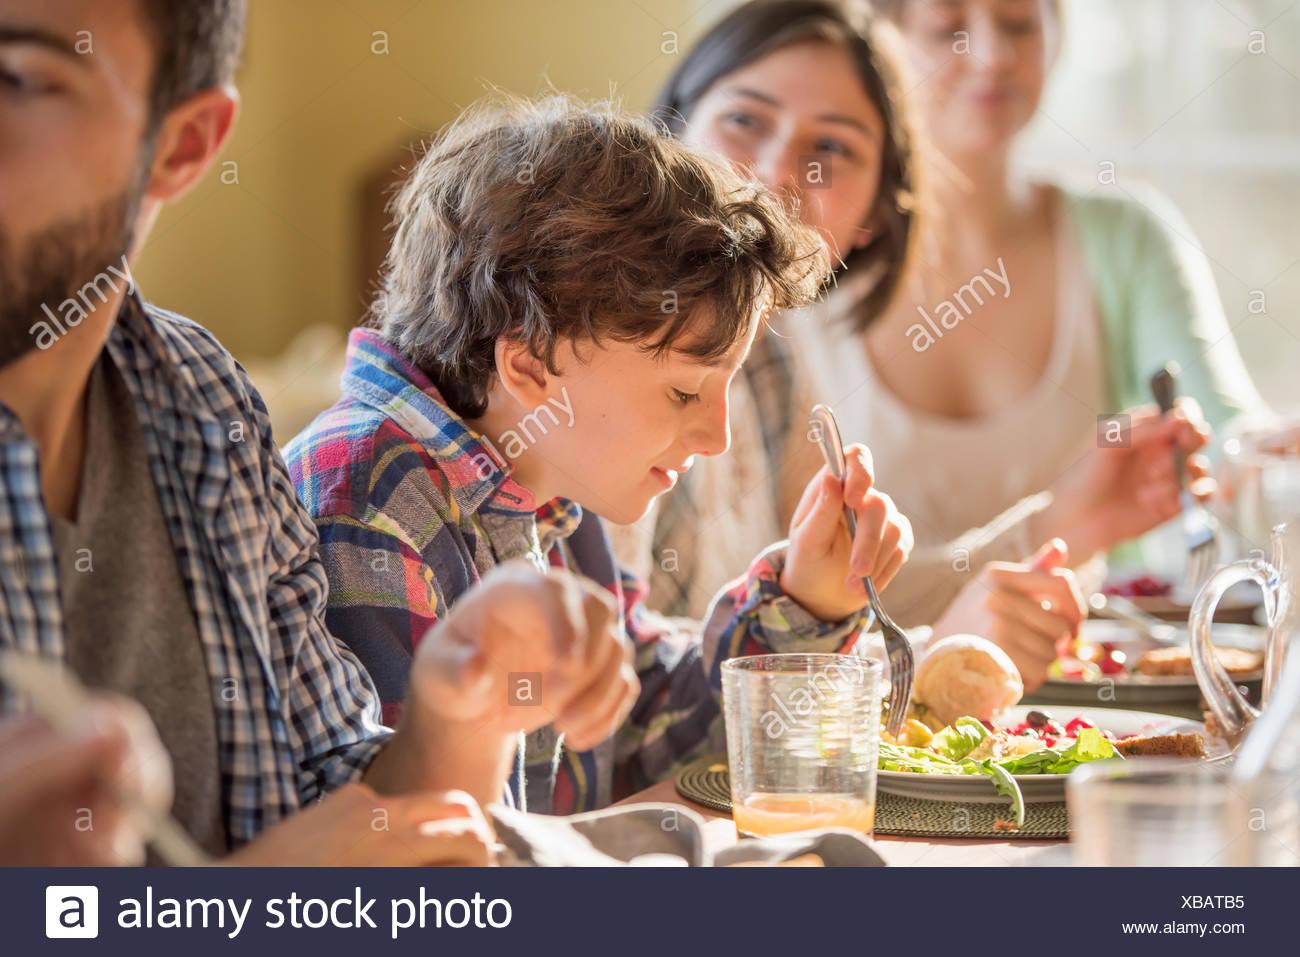 Un gruppo di persone, adulti e bambini seduti attorno a un tavolo per un pasto. Immagini Stock